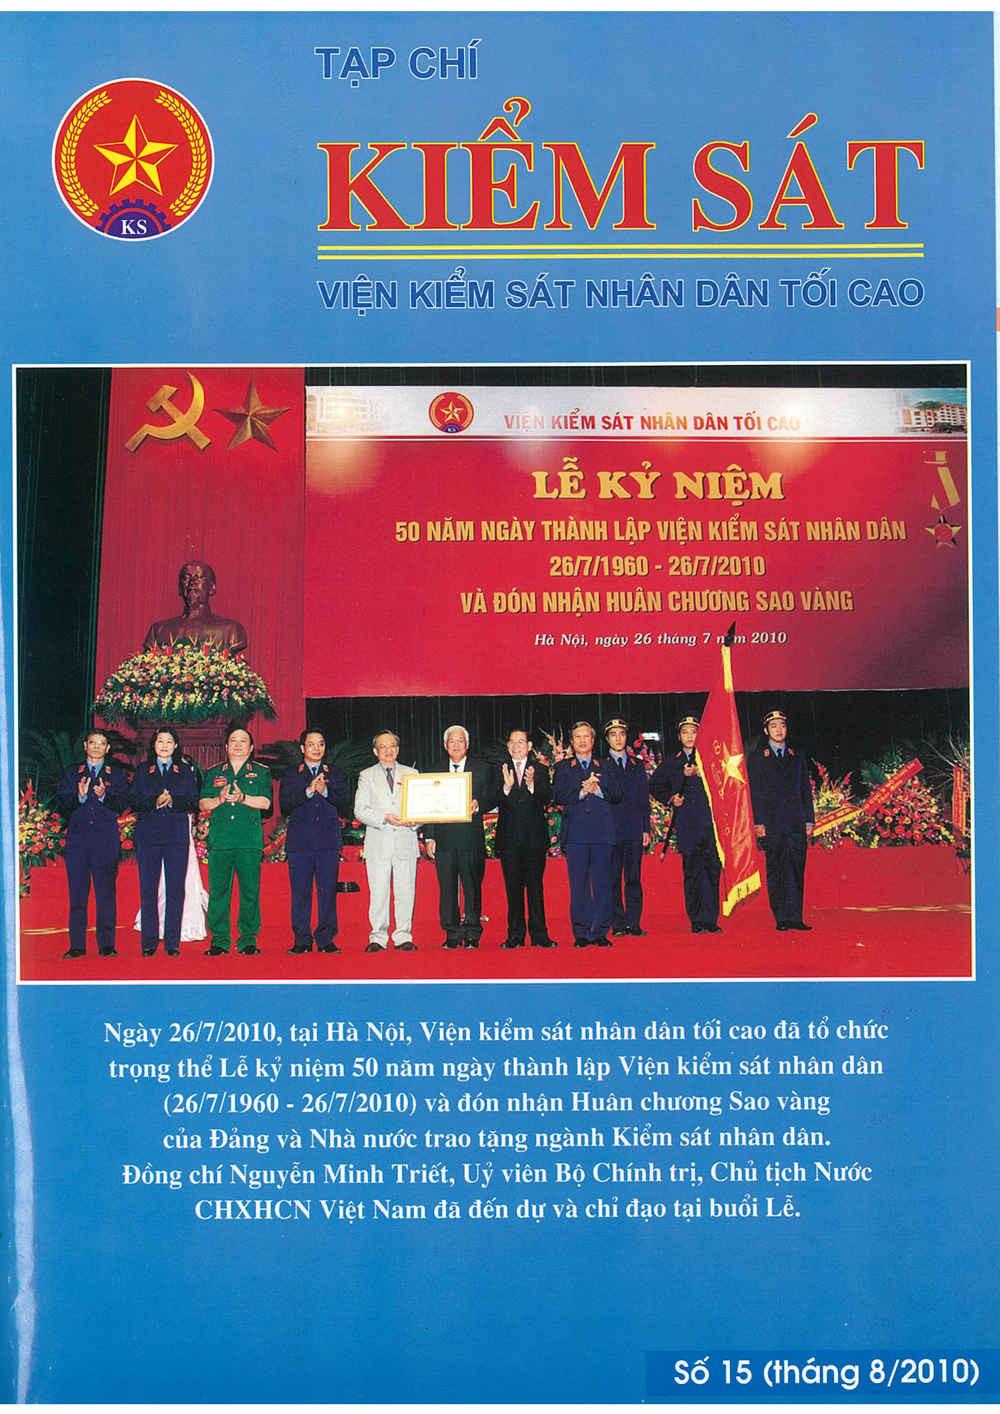 Mời quý vị và các bạn đọc Tạp chí Kiểm sát số 15/2010